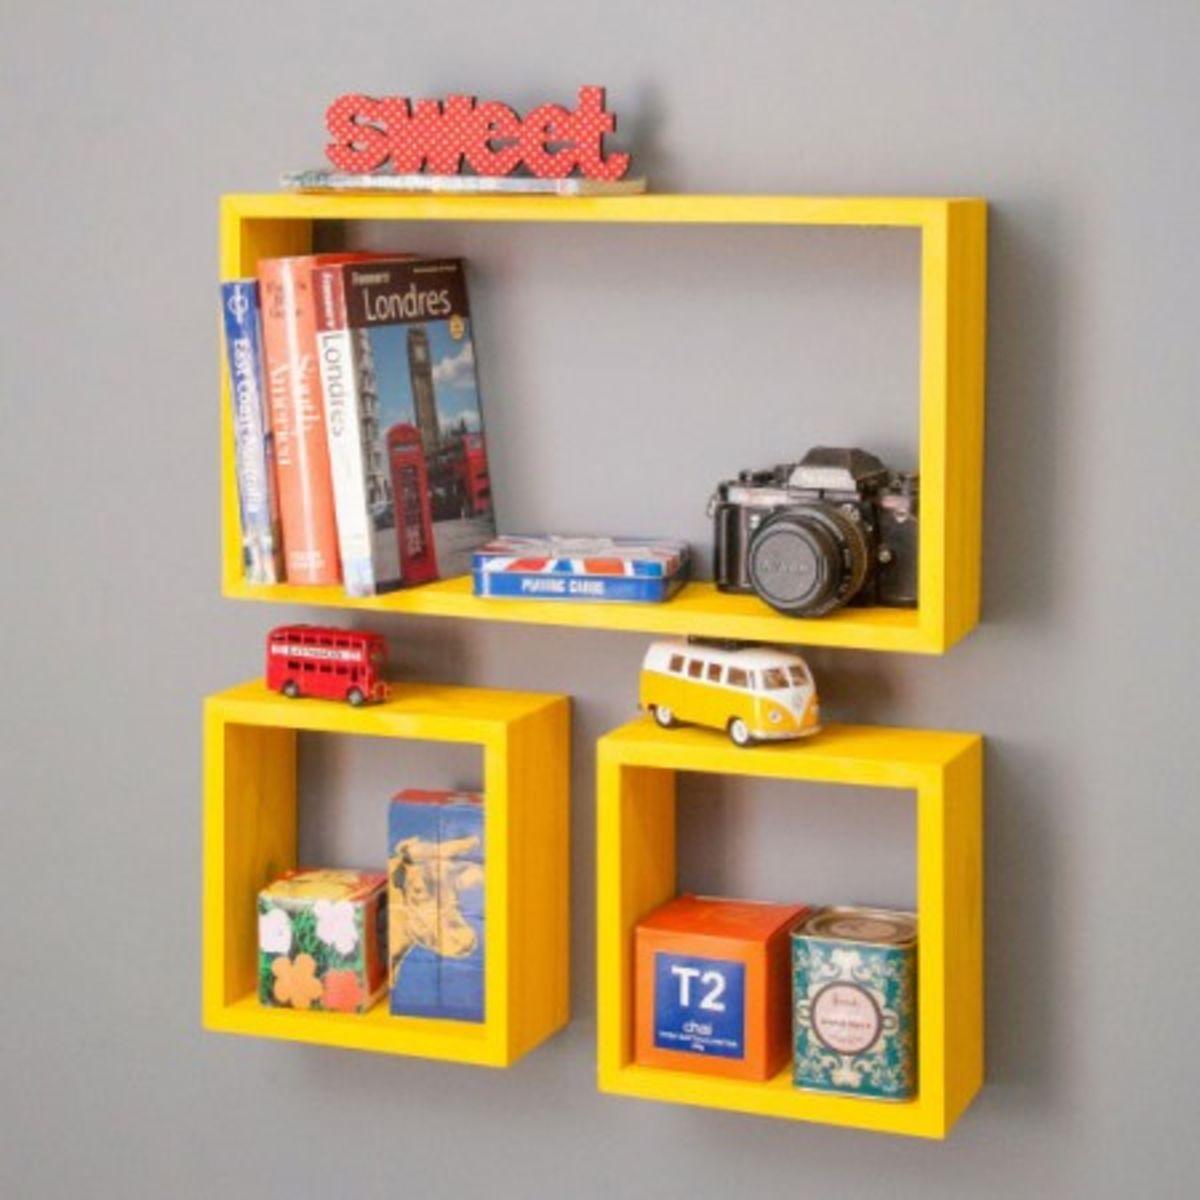 Kit Nichos Amarelo Conjunto Com 3 Cubos Decora O Fortune  ~ Diy Decoração Quarto Pequeno E Nichos No Quarto Do Bebe